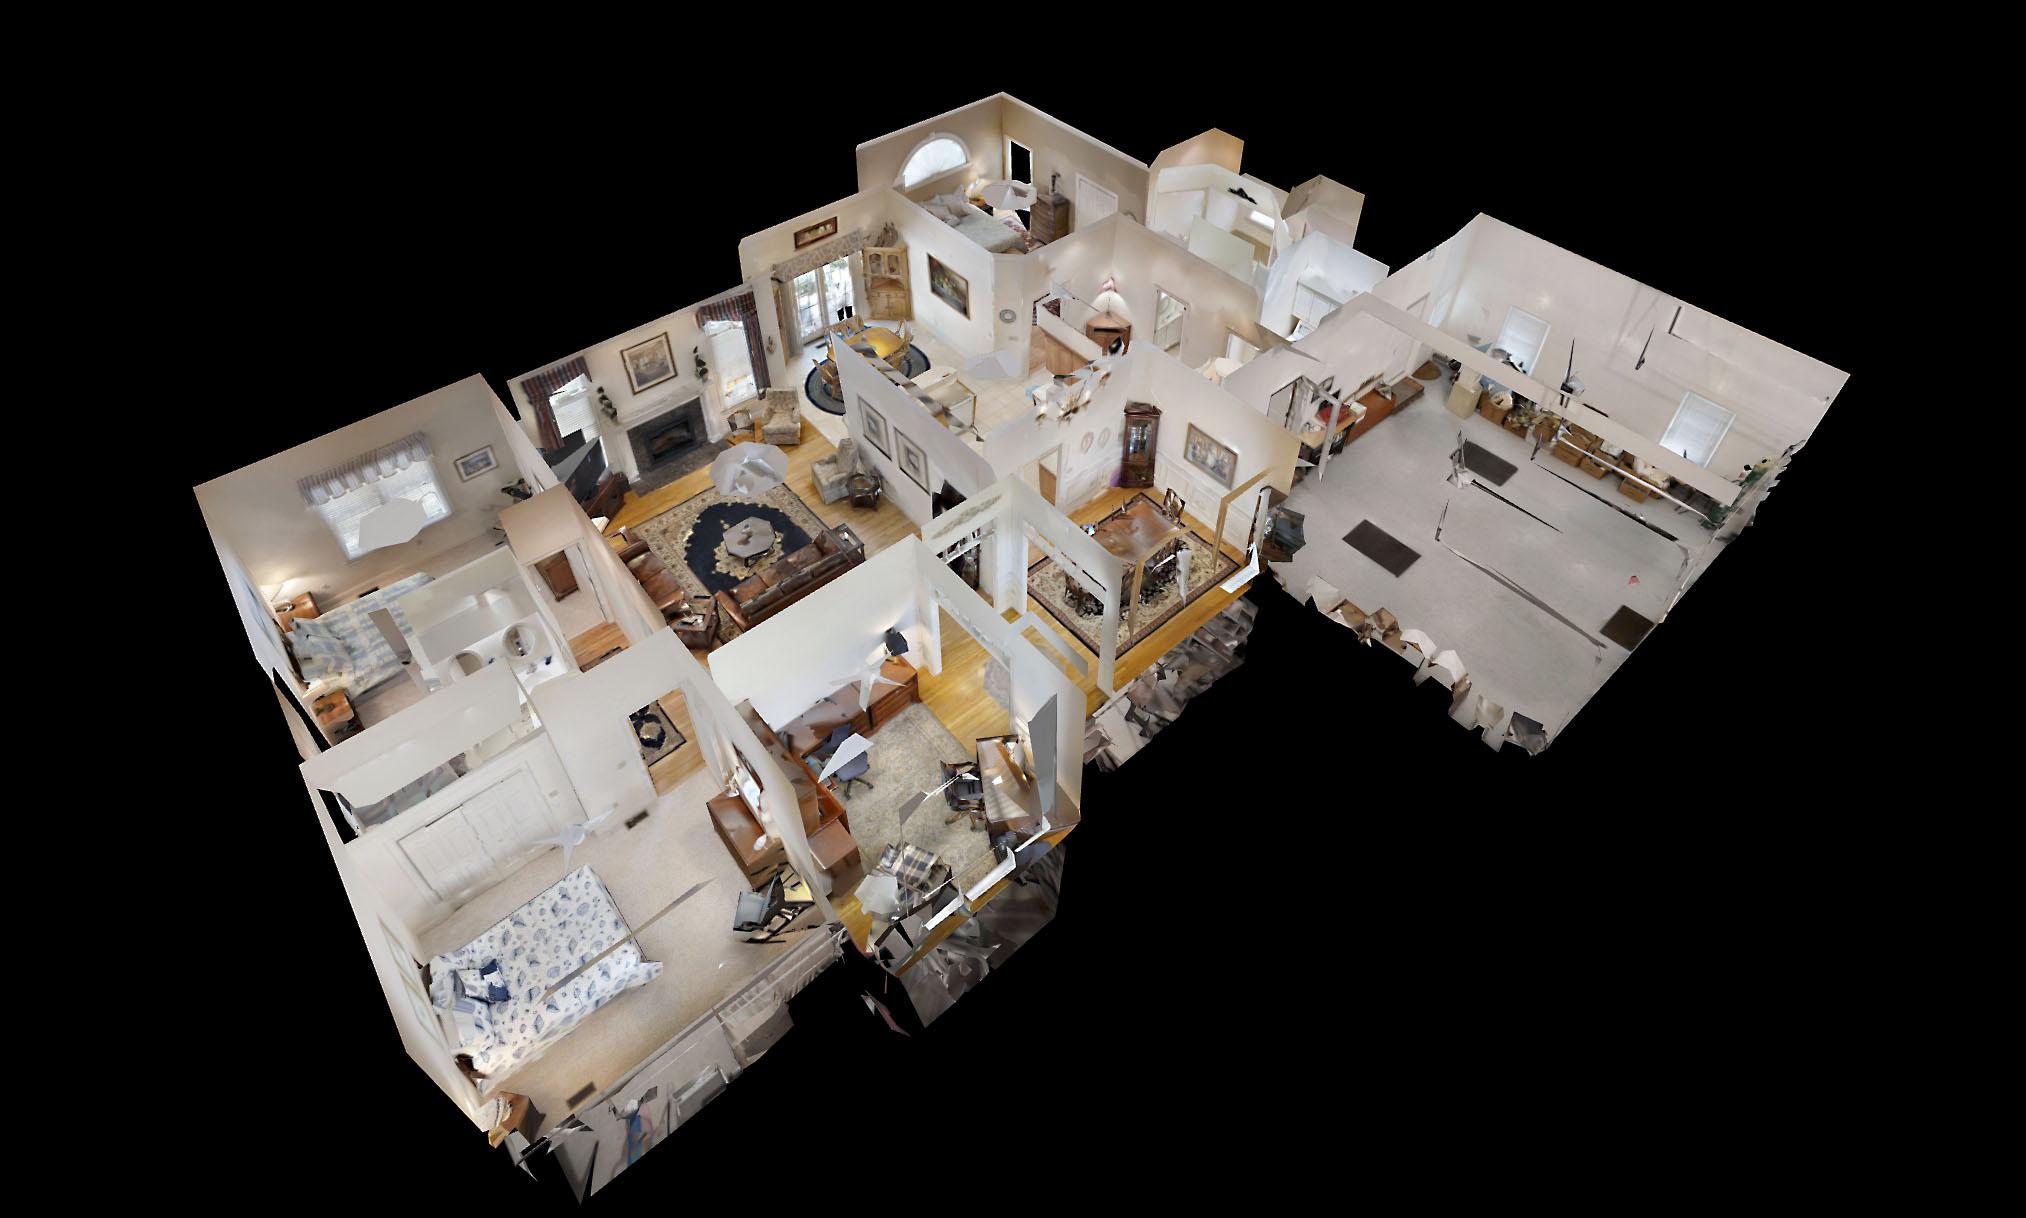 61_Captains_Way_Dollhouse.jpg